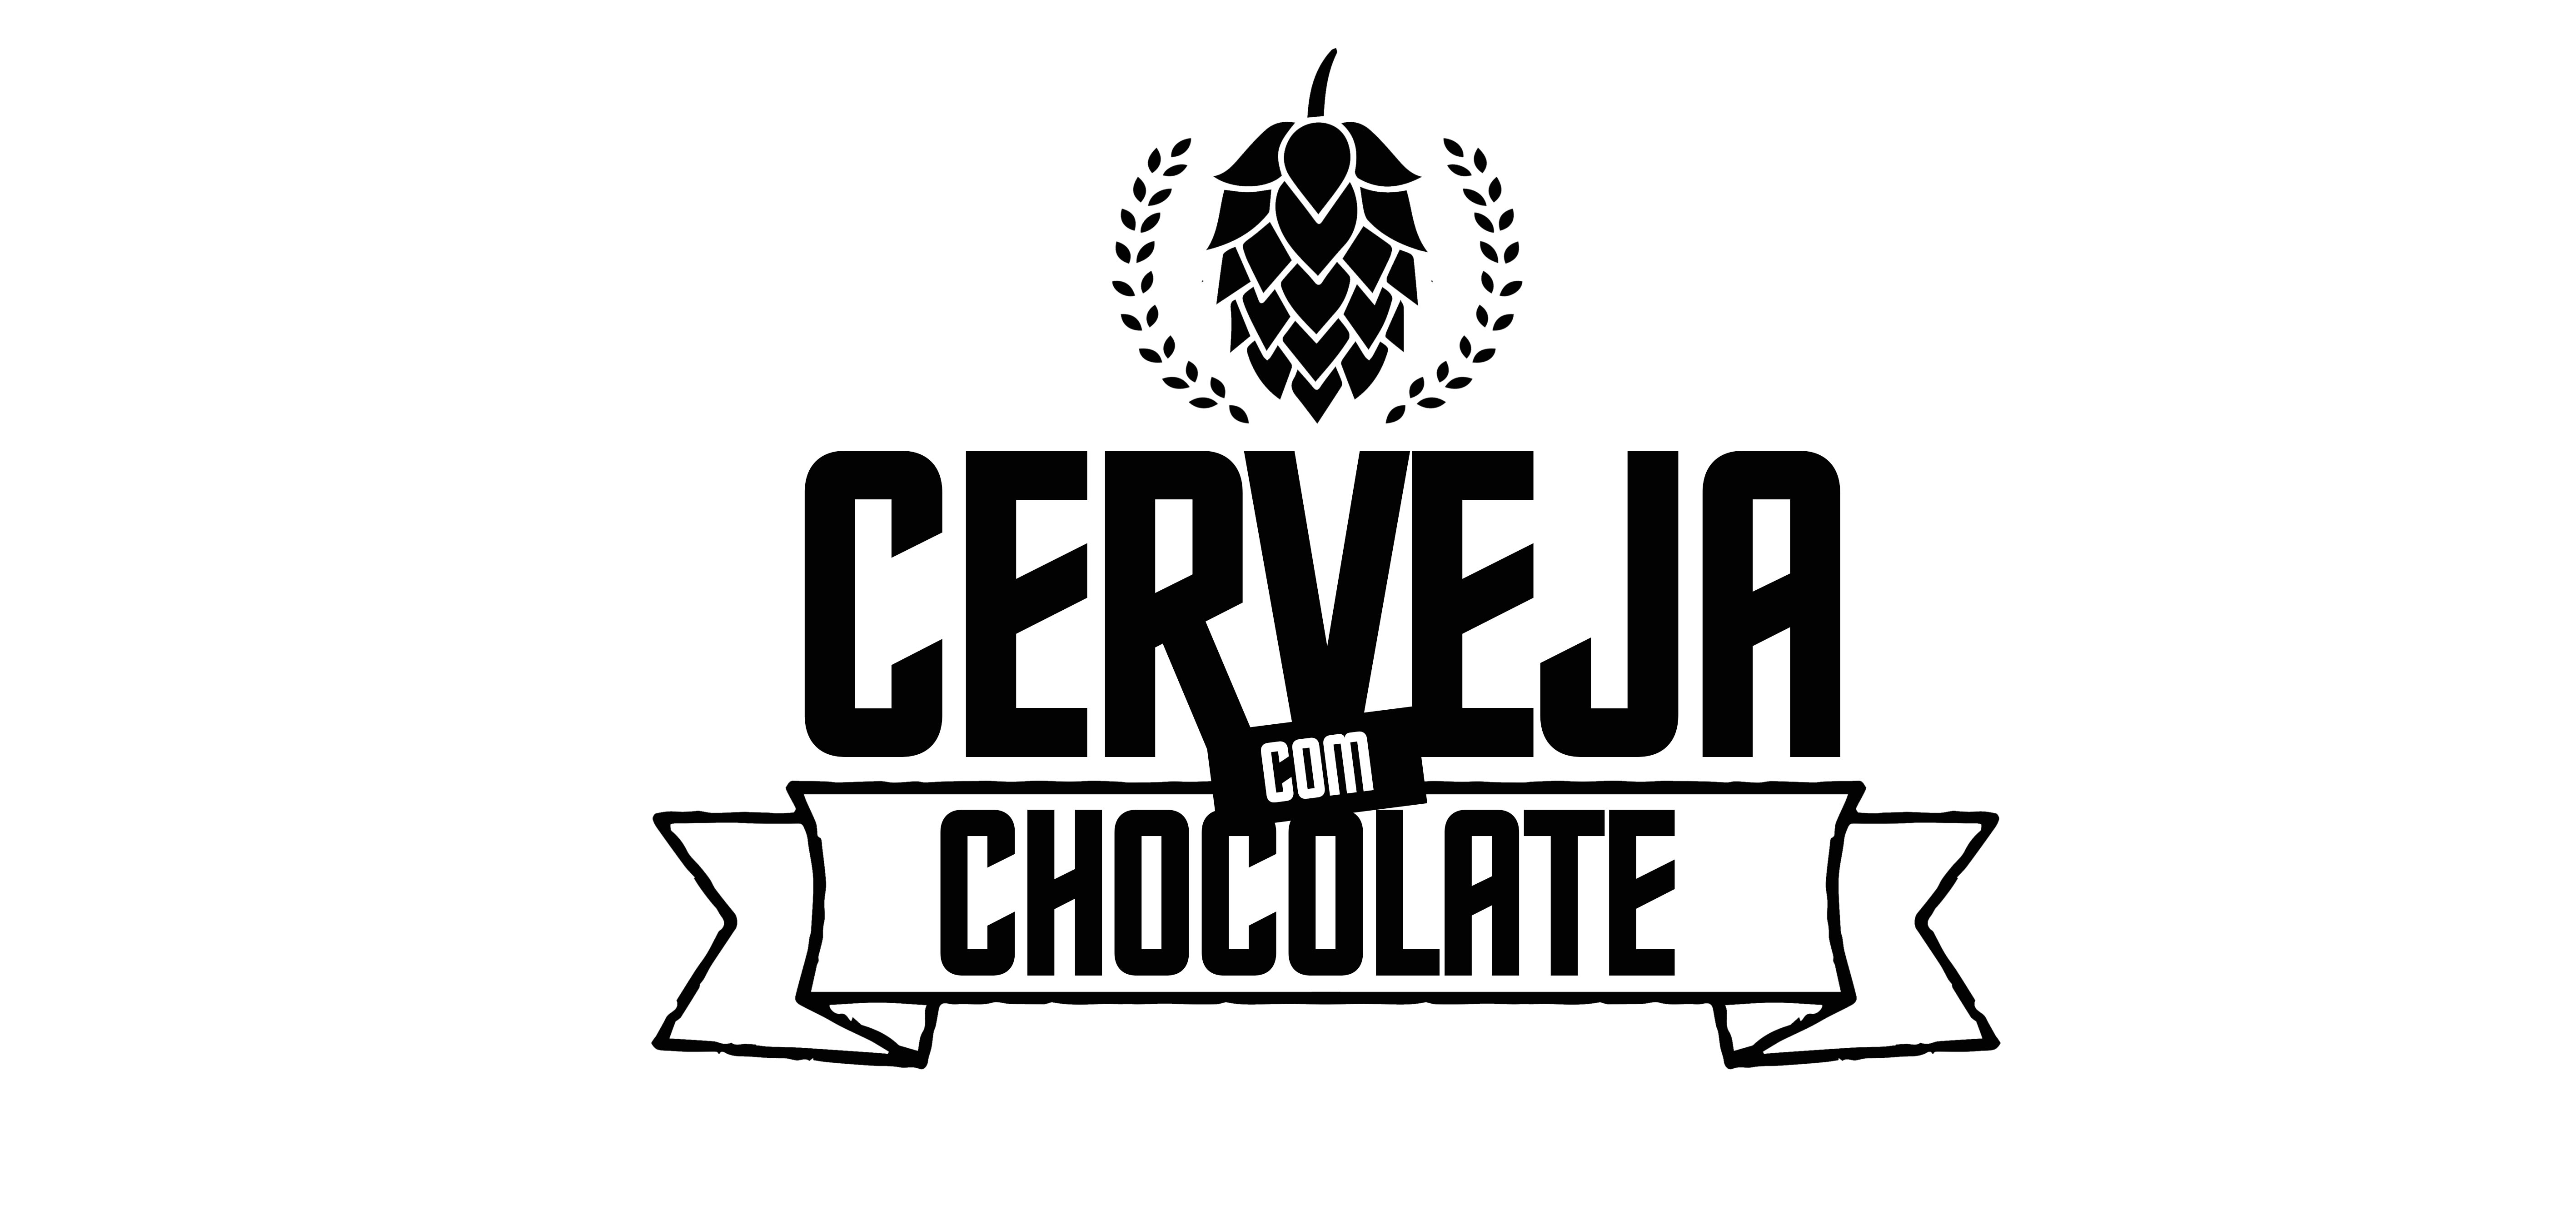 Cerveja com Chocolate